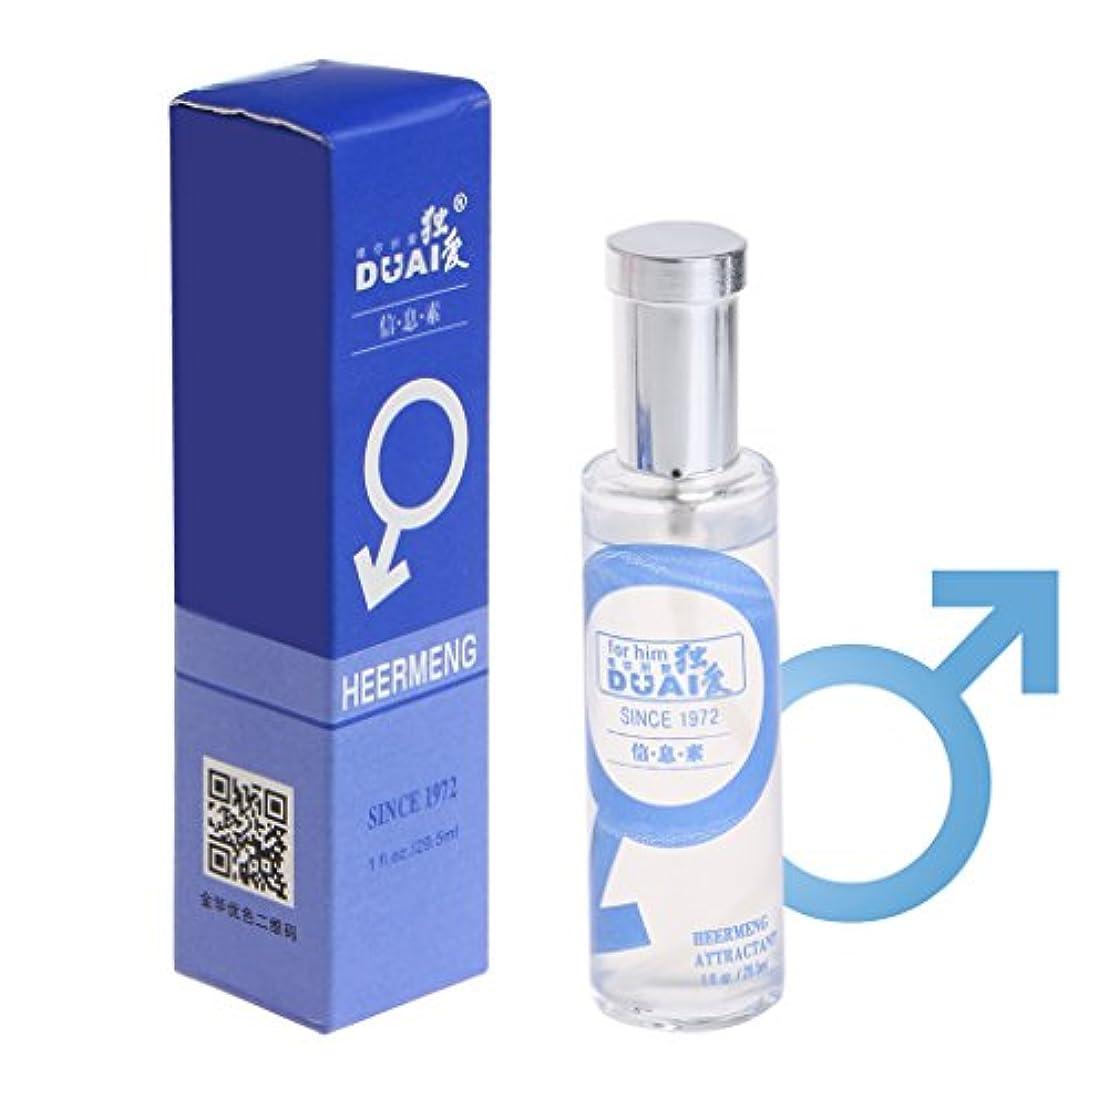 リンク接ぎ木恐怖症JAGETRADEセクシーな香水香水ボディスプレーオイルフェロモン男性の性のおもちゃのための媚薬の供給